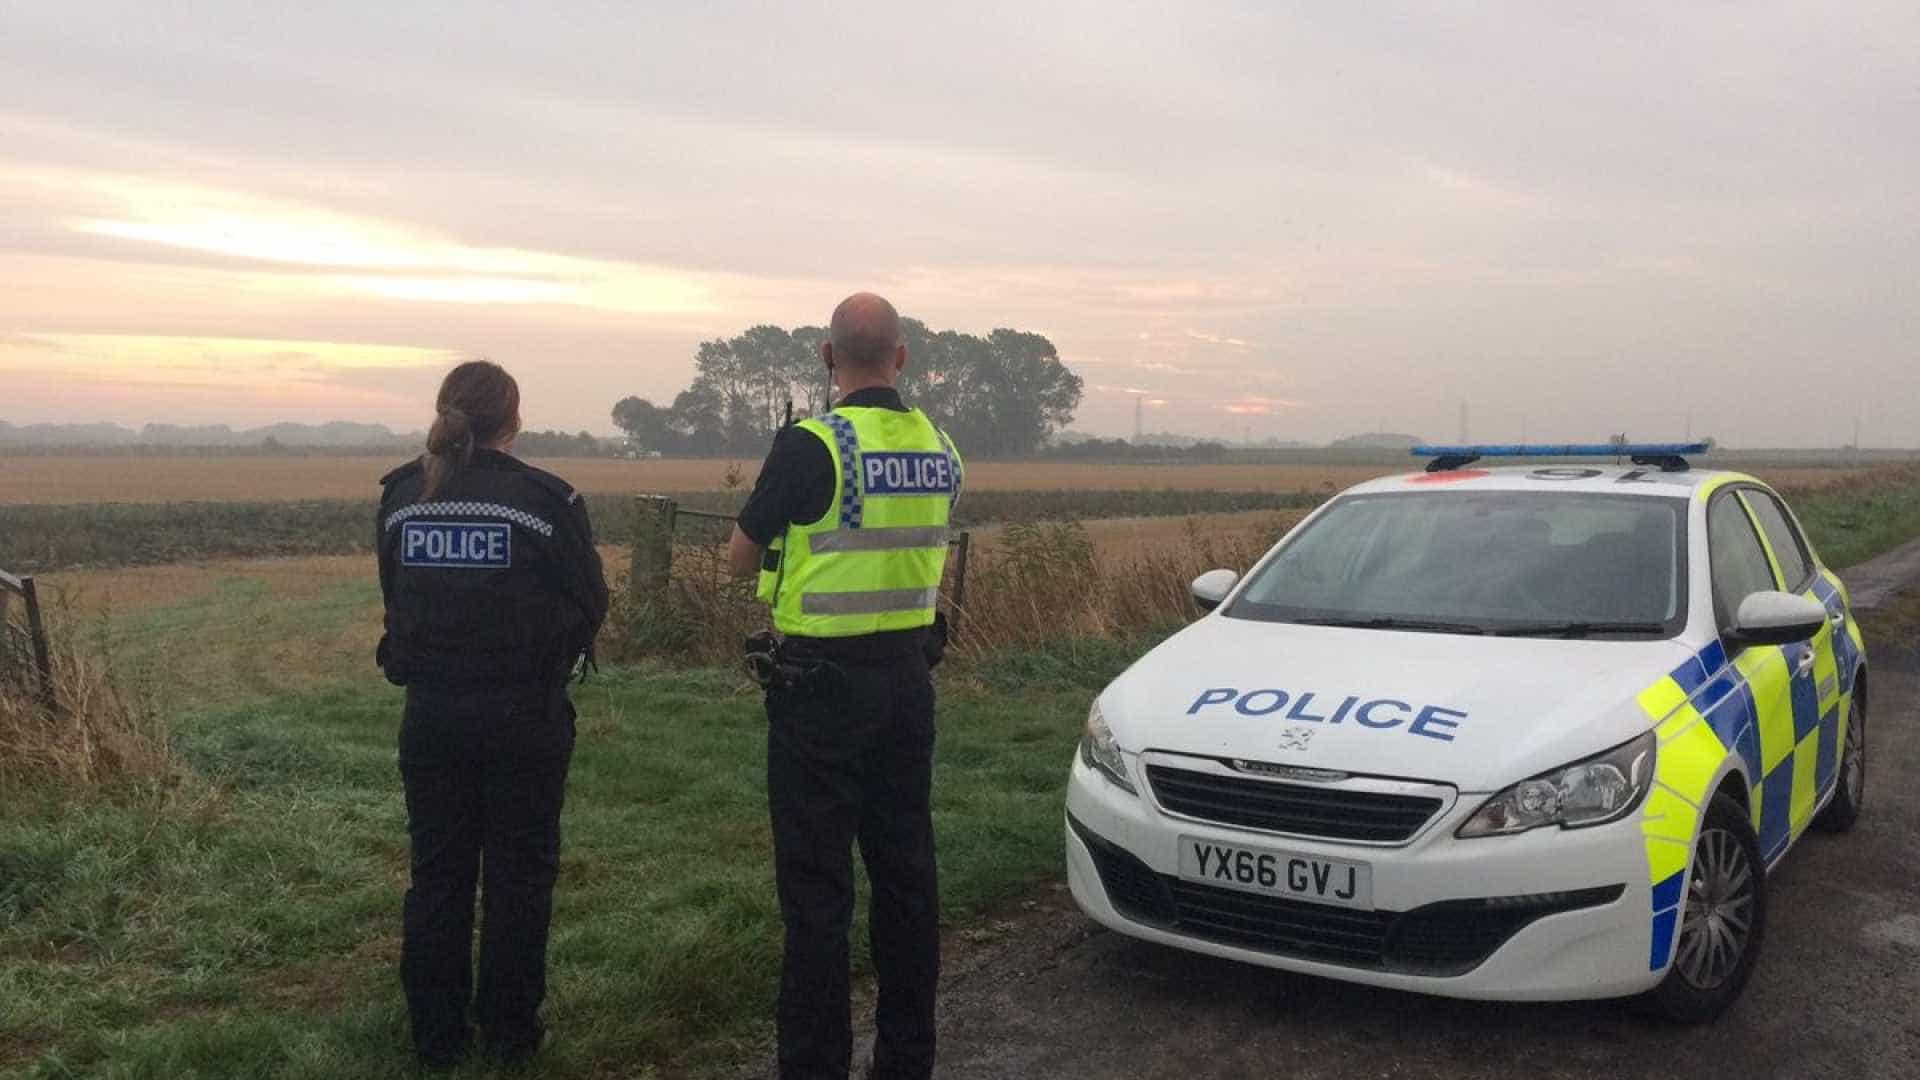 Queda de avião deixa dois mortos no Reino Unido